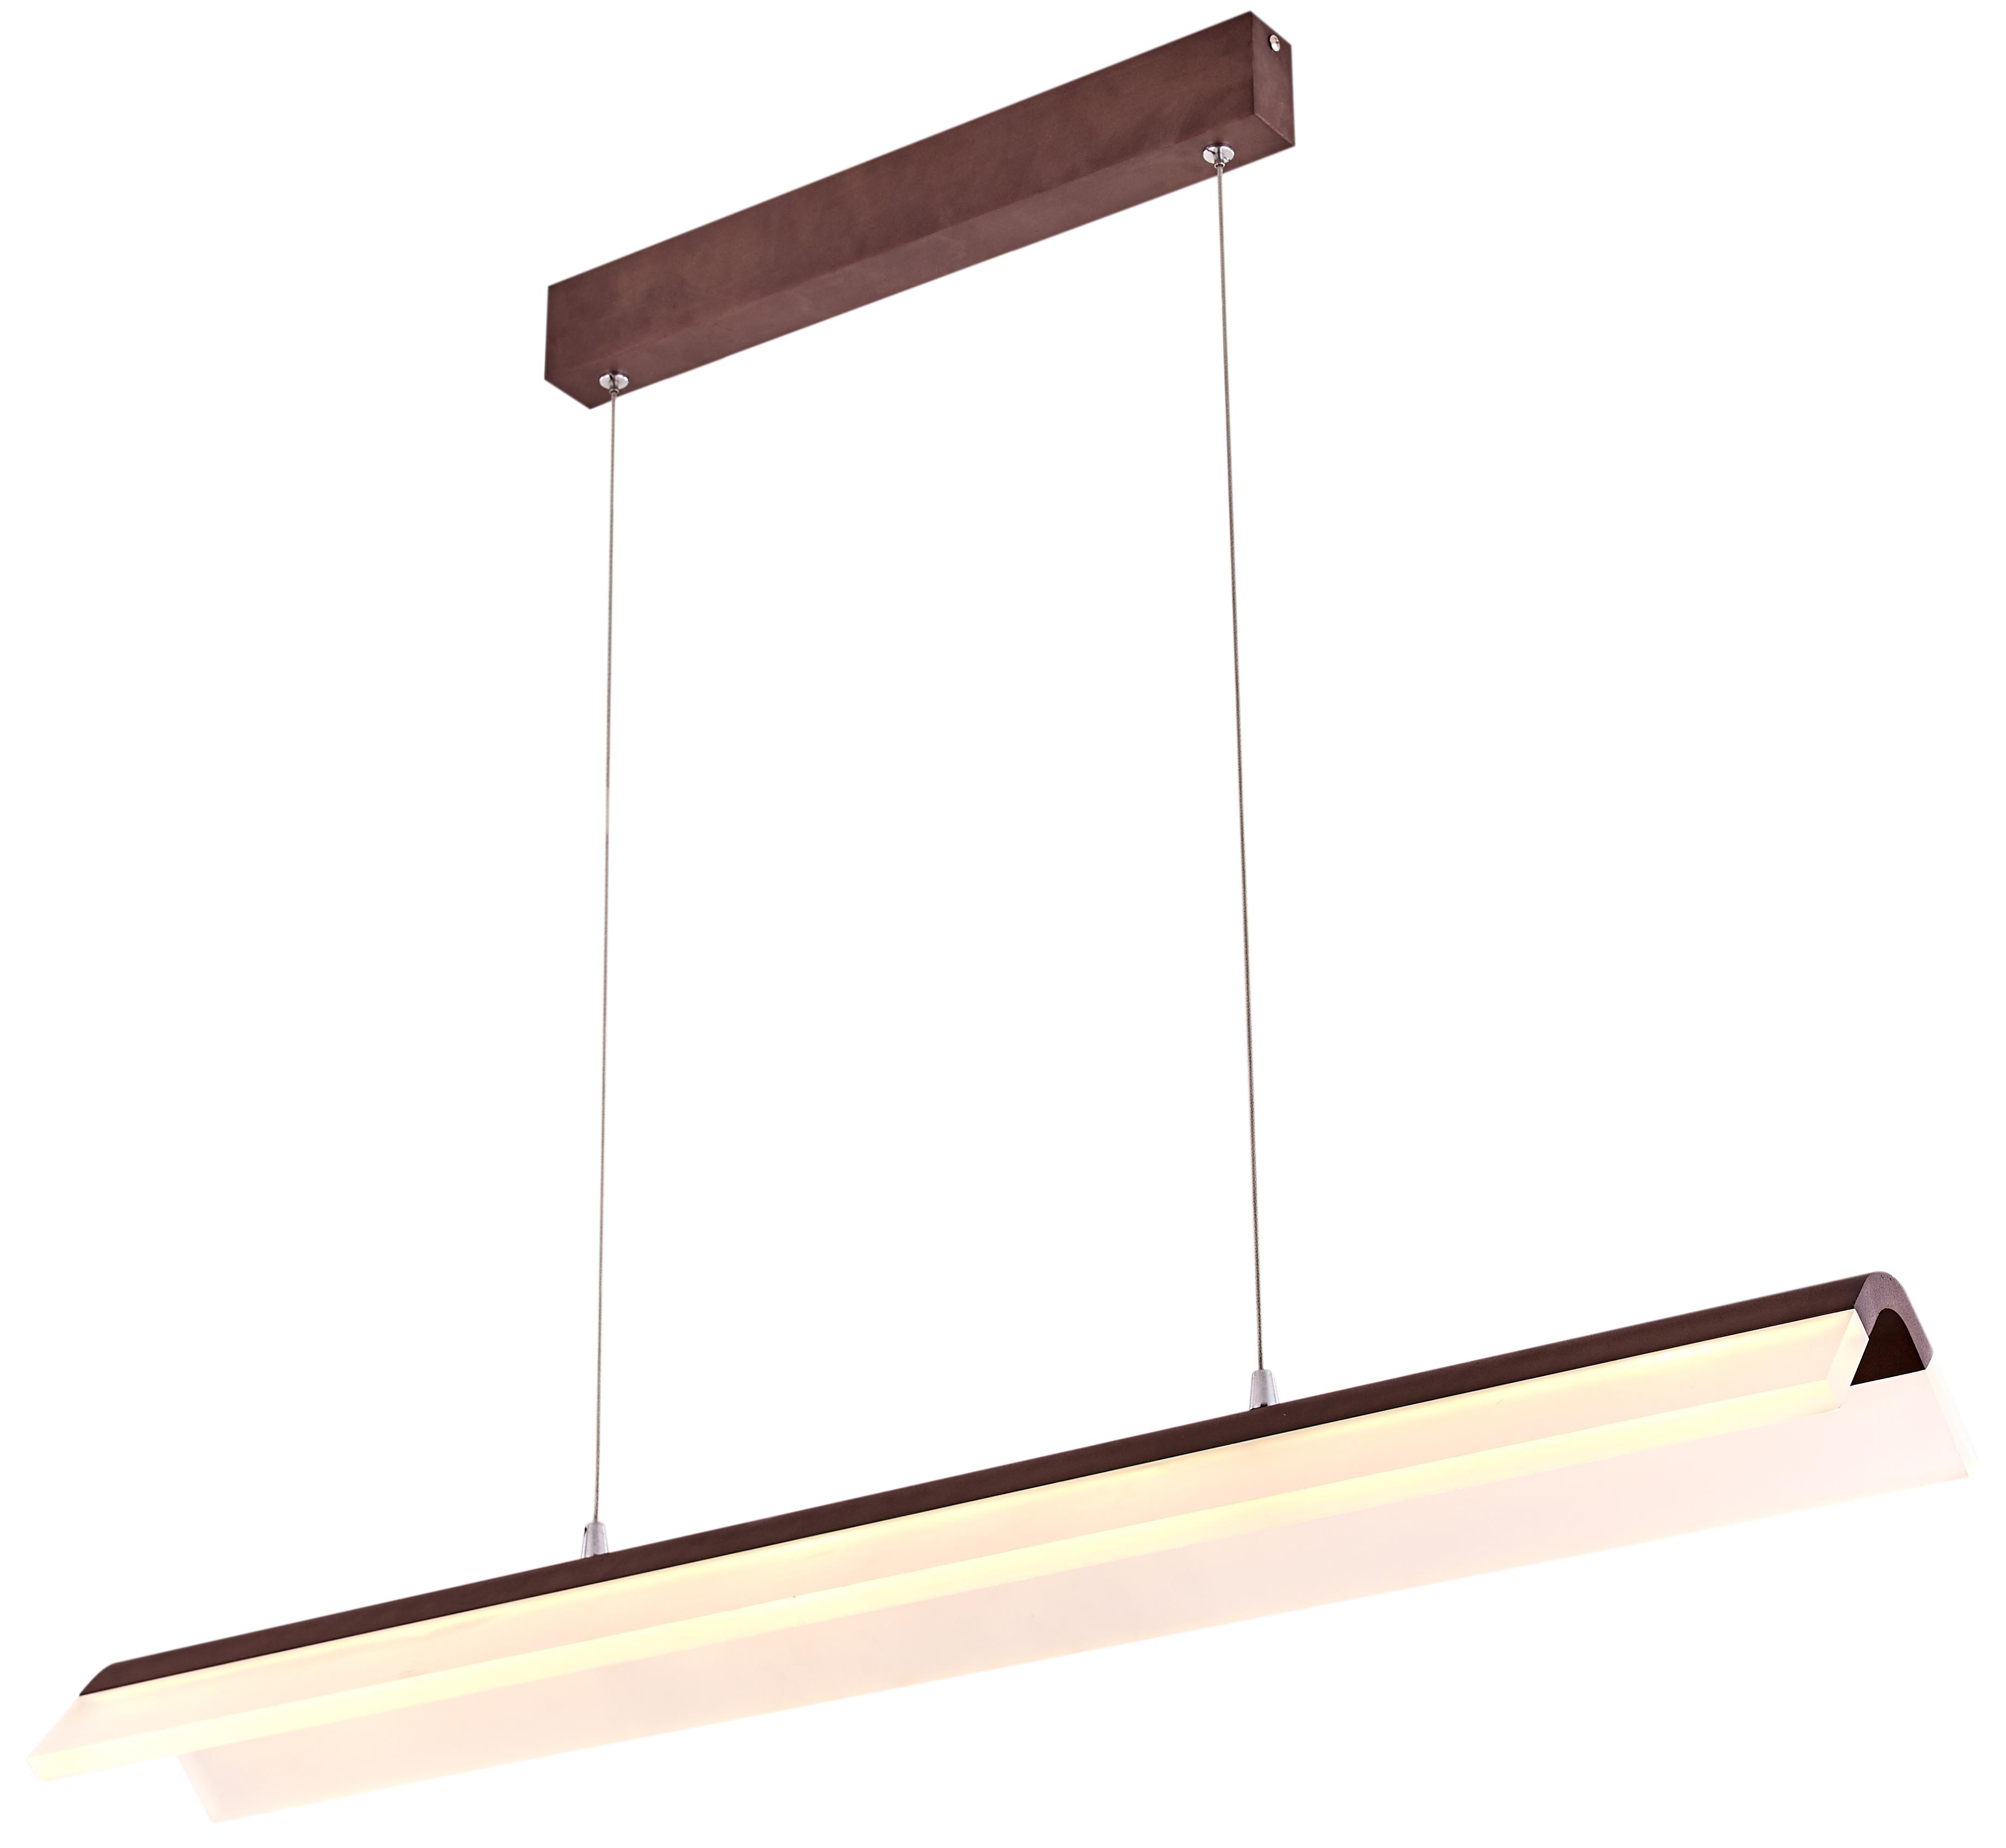 CURACOA LAMPA WISZĄCA 100X16 33W LED BRĄZOWY 4000K APETI - A0011-320